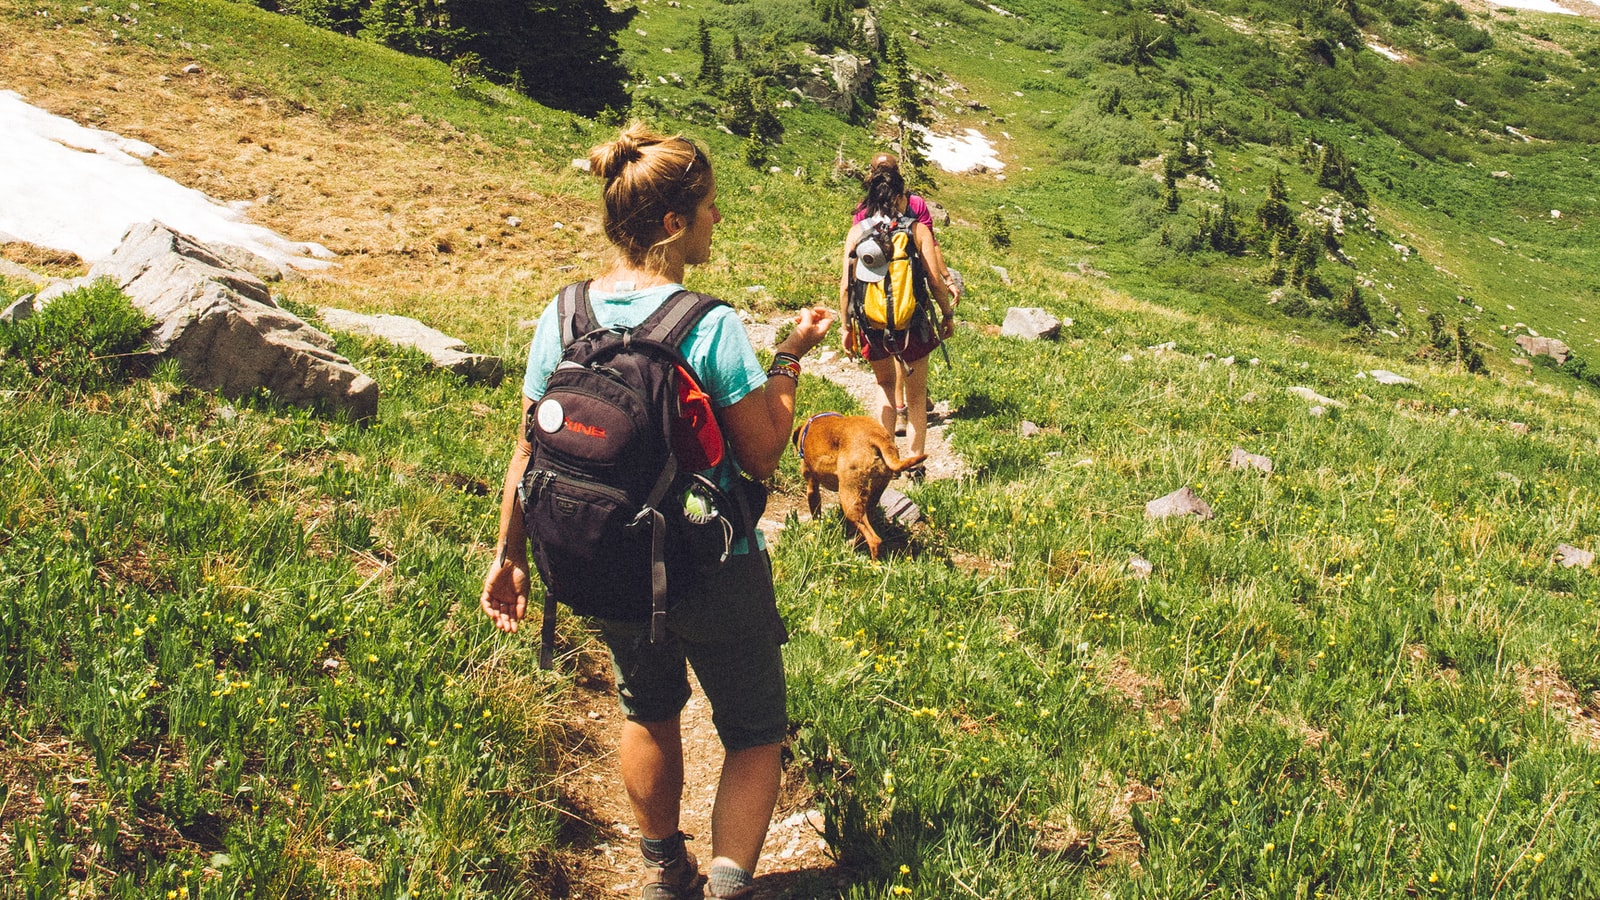 StudyDIY | 英國遊學 | 牛津遊學 | 熱門語言學校。代辦推薦 X 遊學費用預估